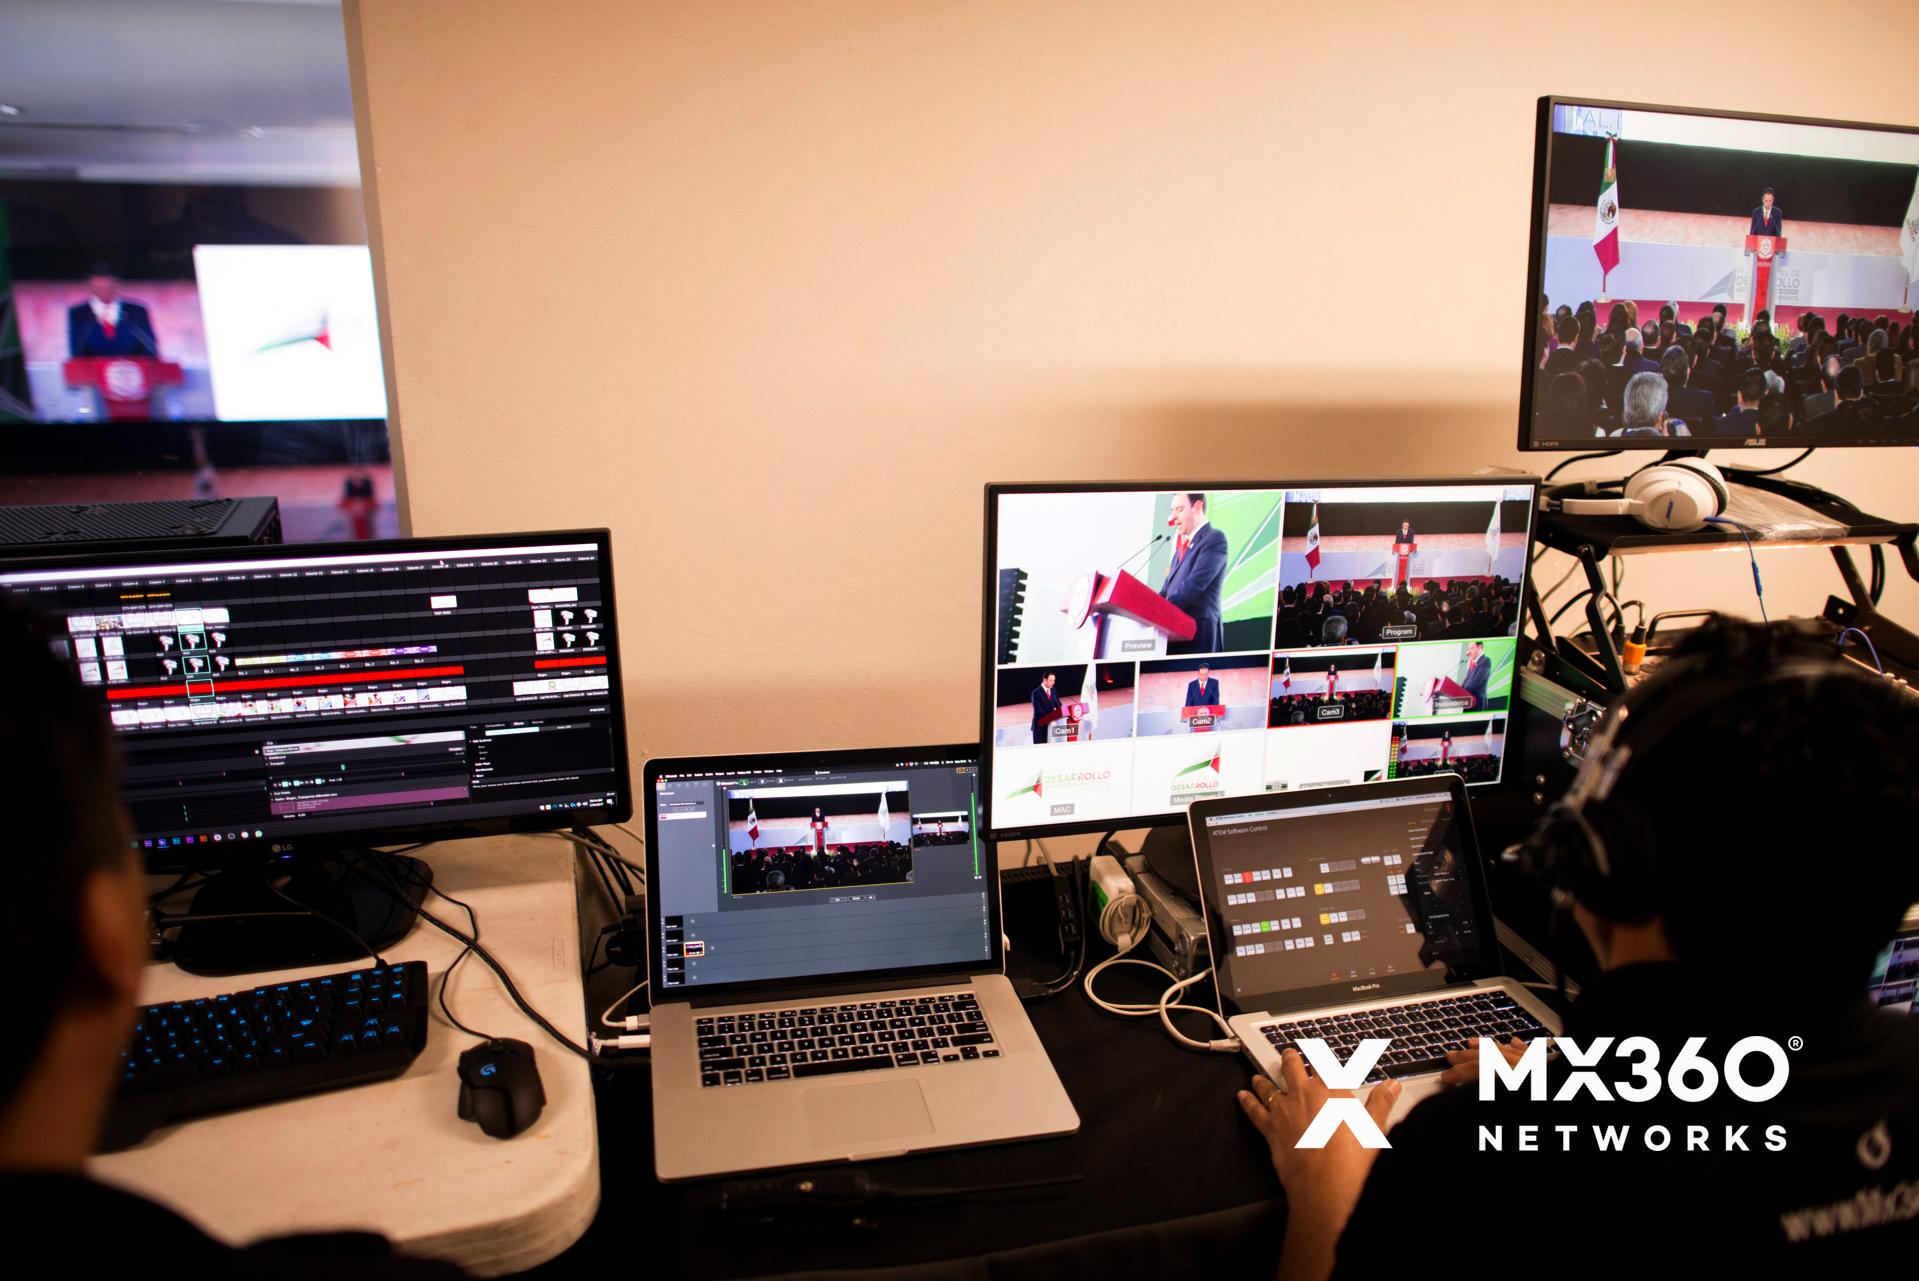 Circuito cerrado, multimedia, animación 2d, animación 3d, renta de audio, live streamming, videomapping, producción de eventos corporativos, eventos gubernamentales.